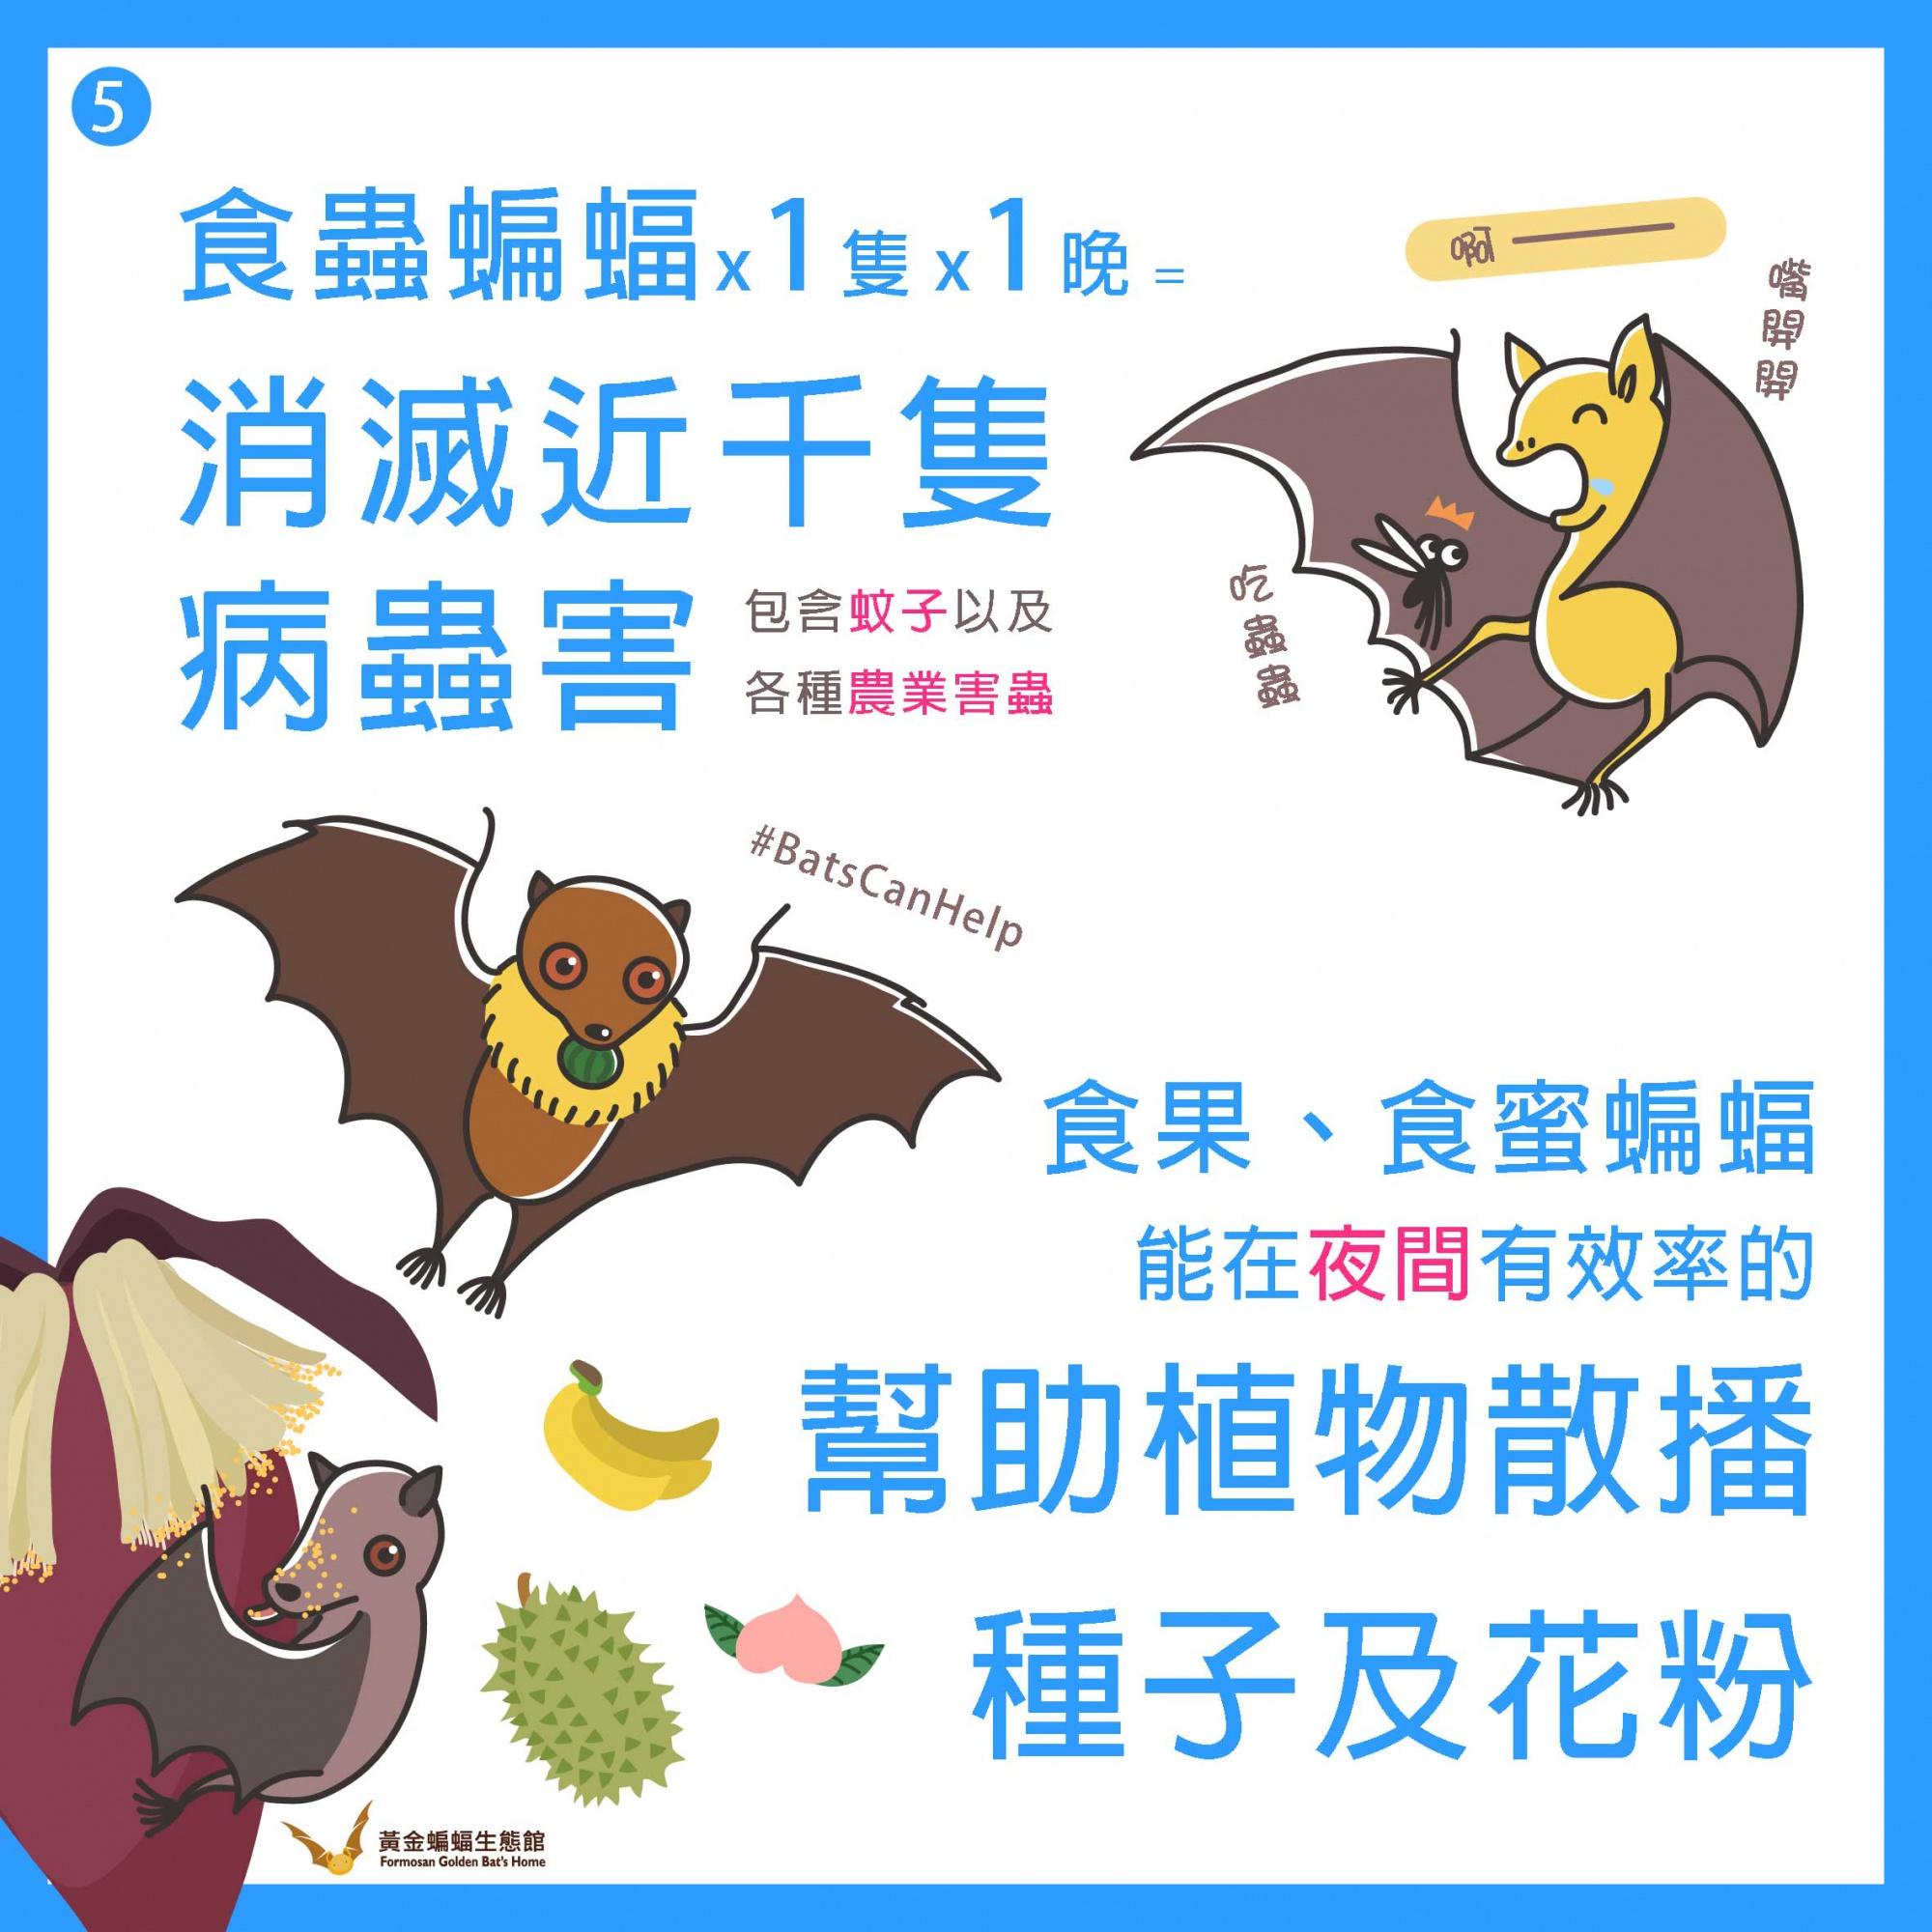 懶人包2 (6).jpg